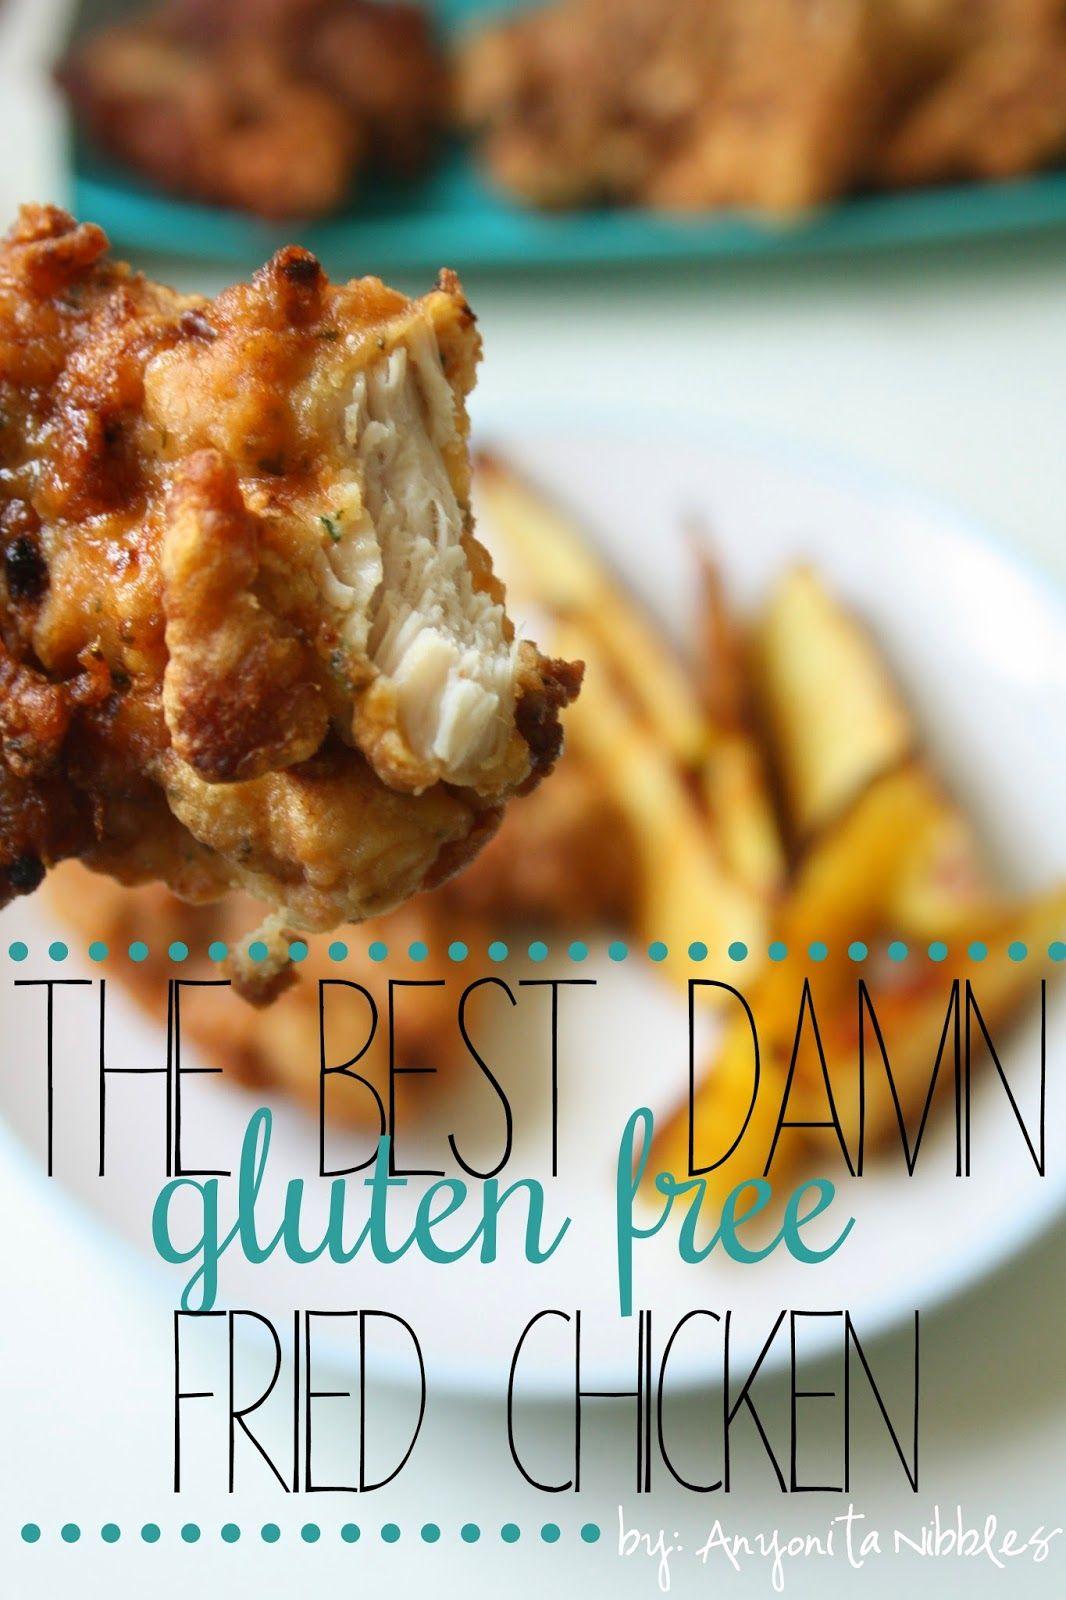 The Best Damn Gluten Free & Paleo Fried Chicken The Best Damn Gluten Free & Paleo Fried Chicken Gluten Free Recipes gluten free fried chicken